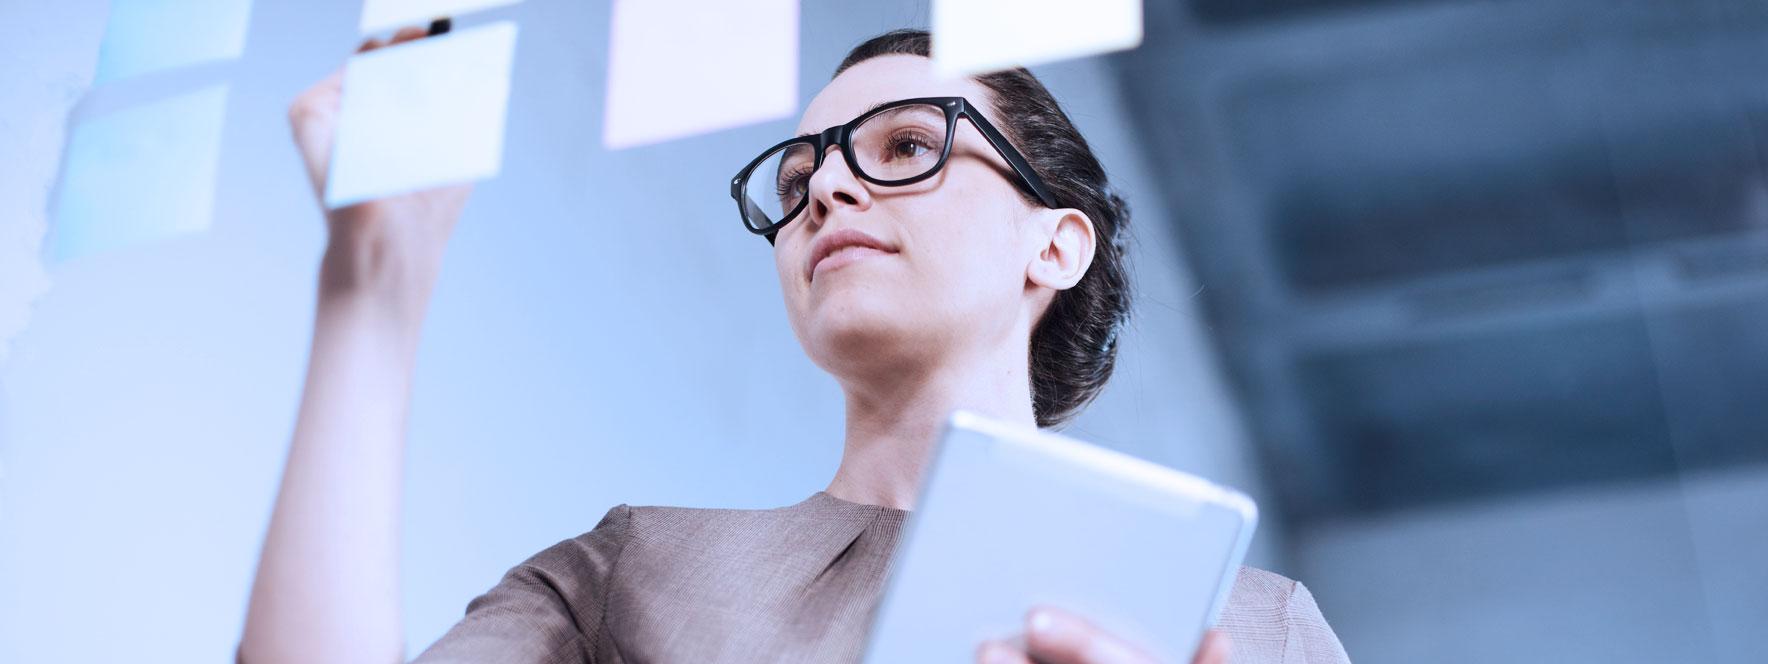 Votre plan d'affaires - Blogue du Réseau